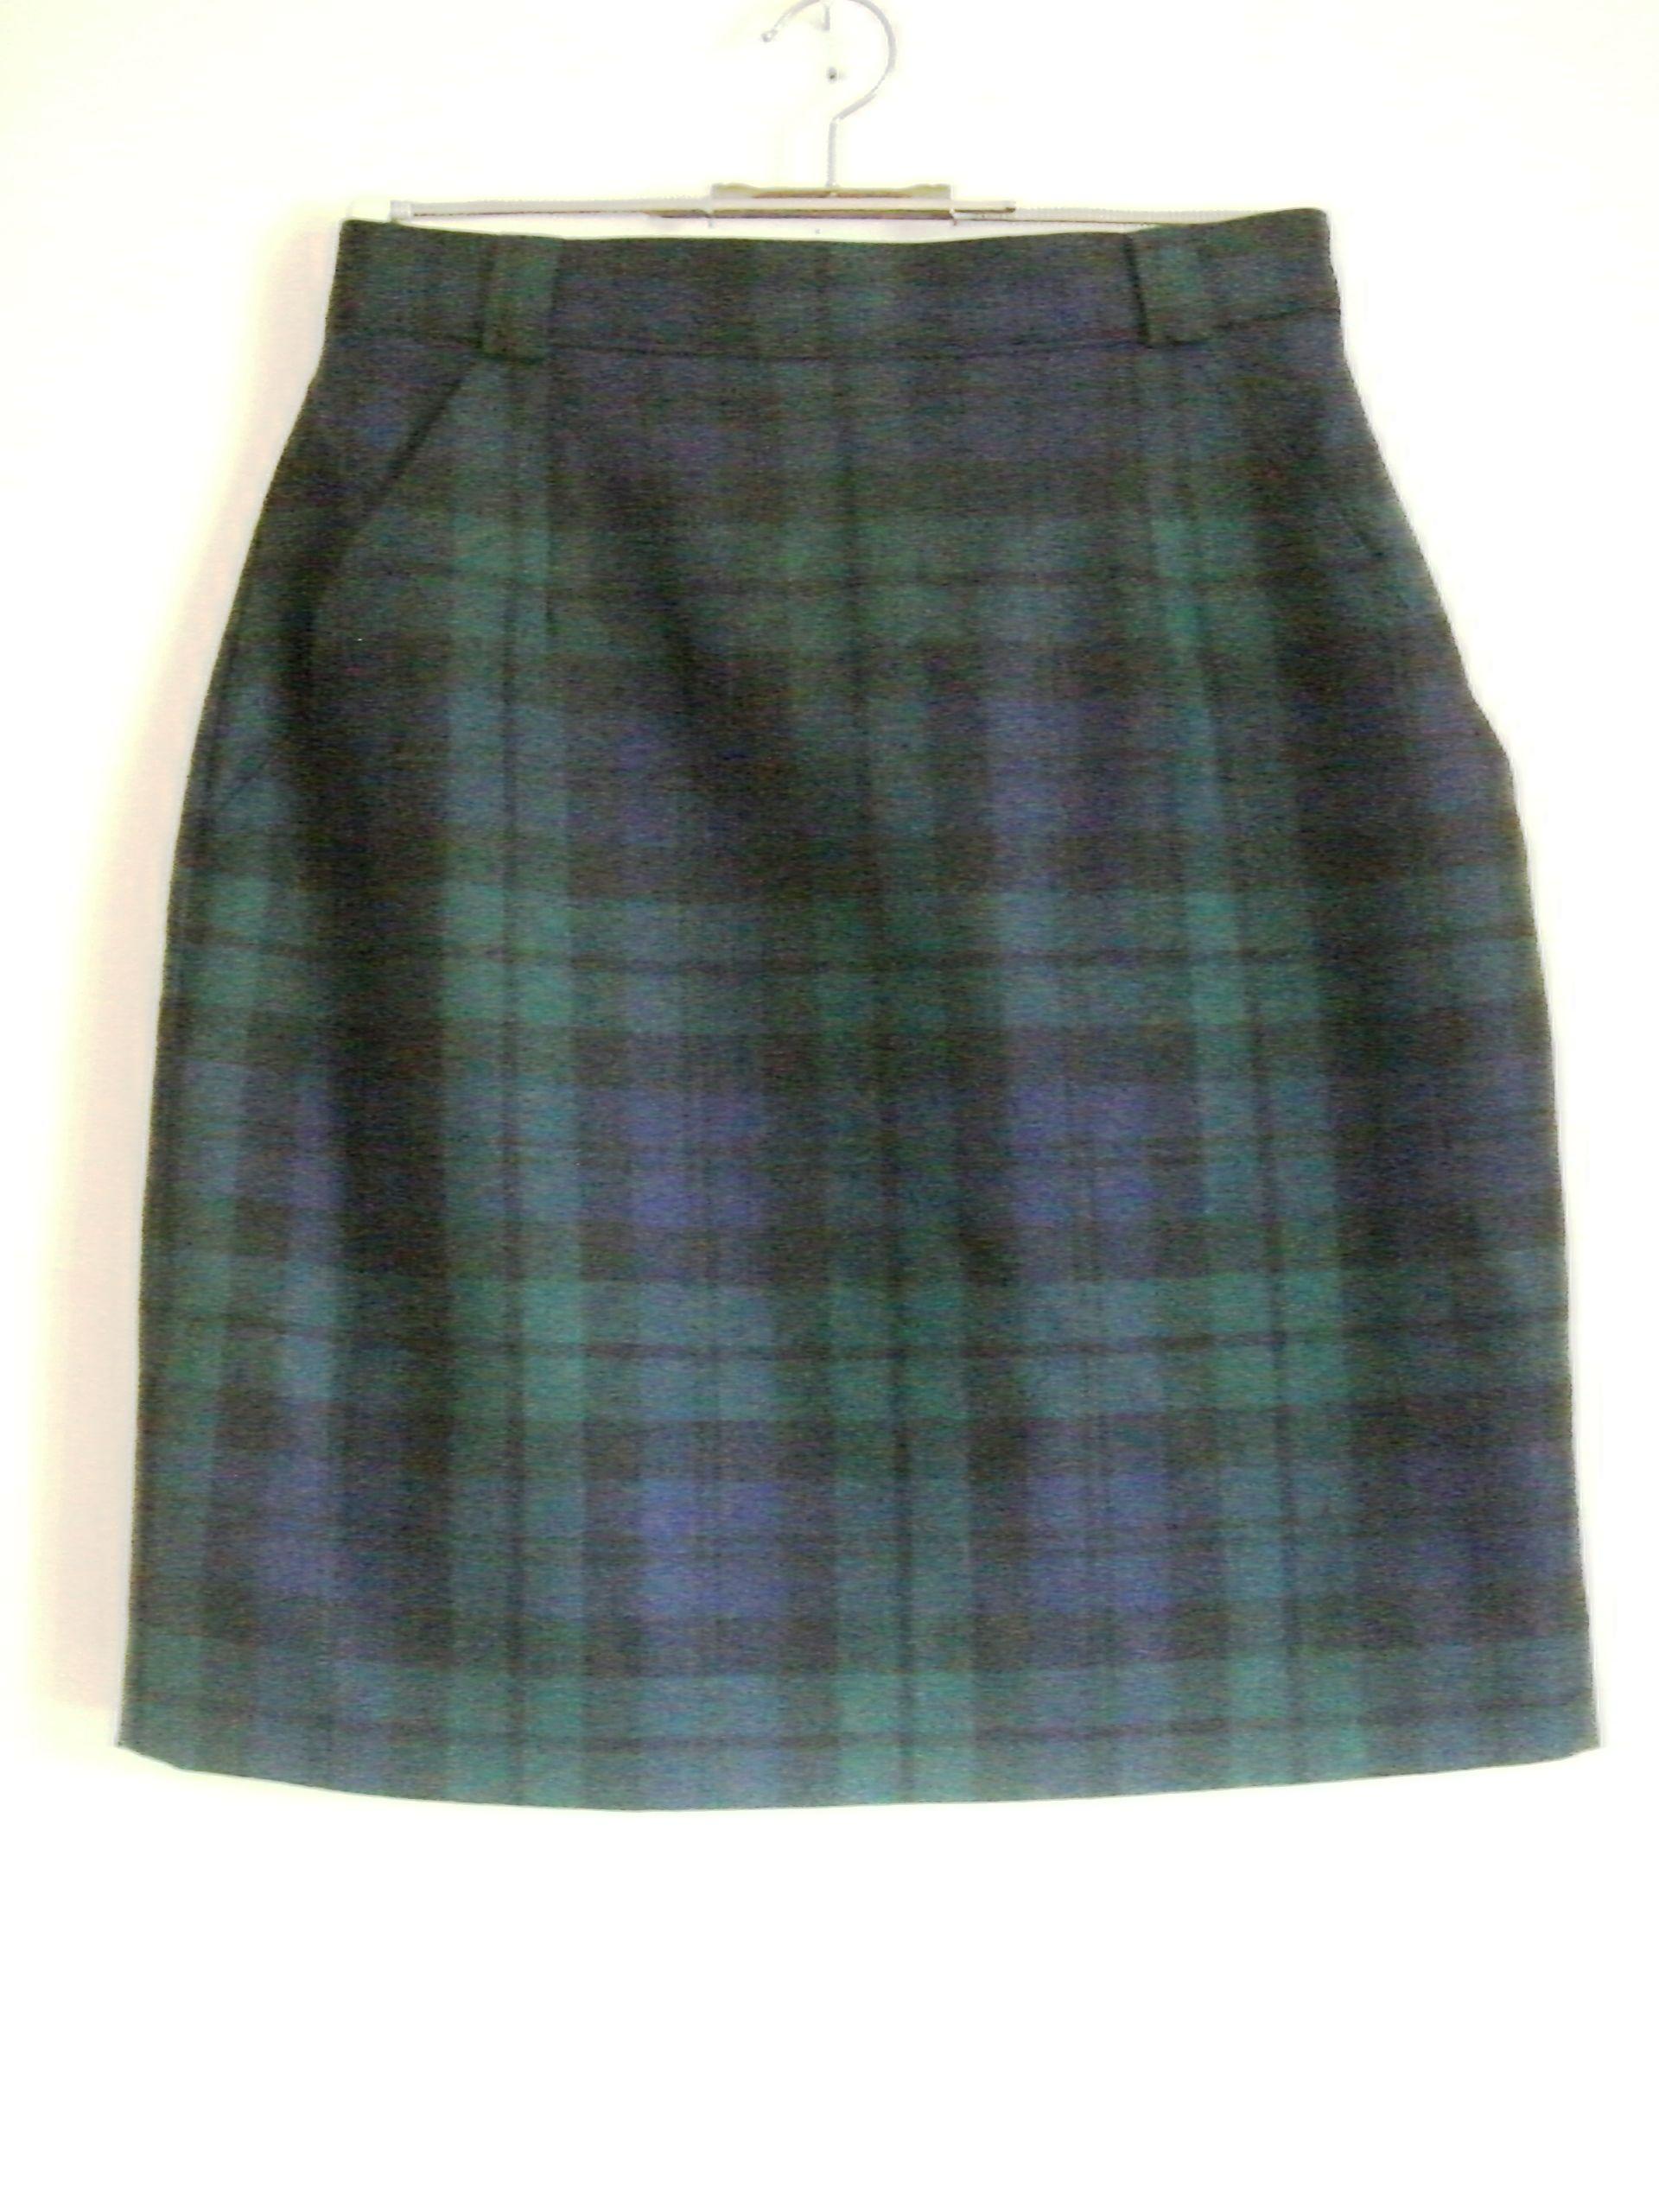 blau-grün karierter Rock mit Taschen | Kleider gehen um | Pinterest ...